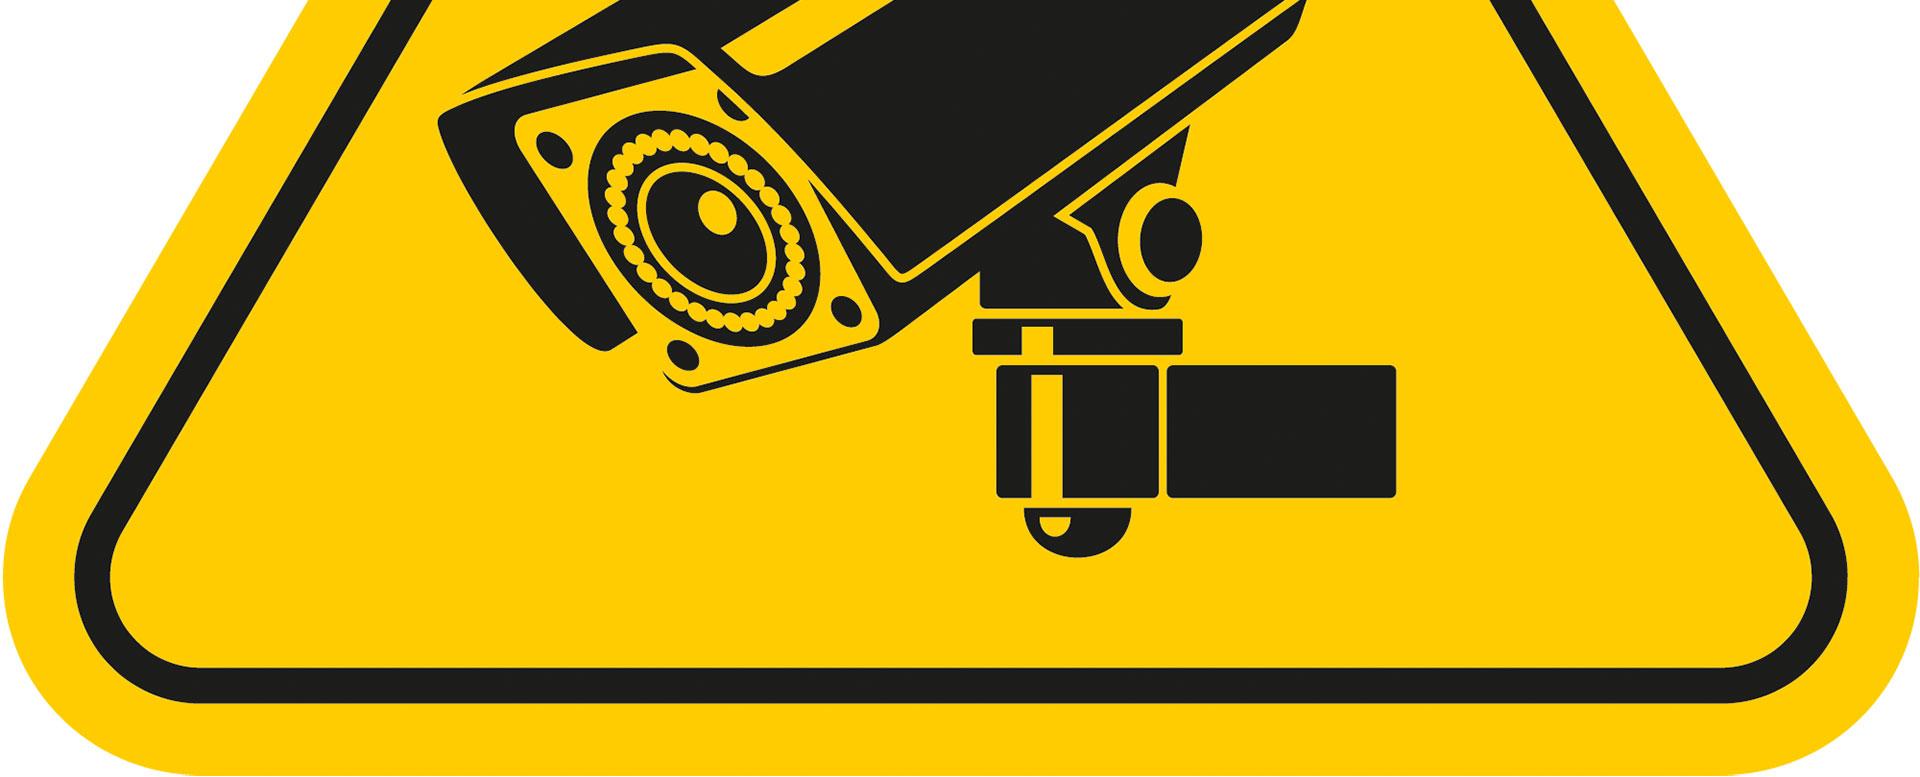 Hinweisschild für Überwachungskamera